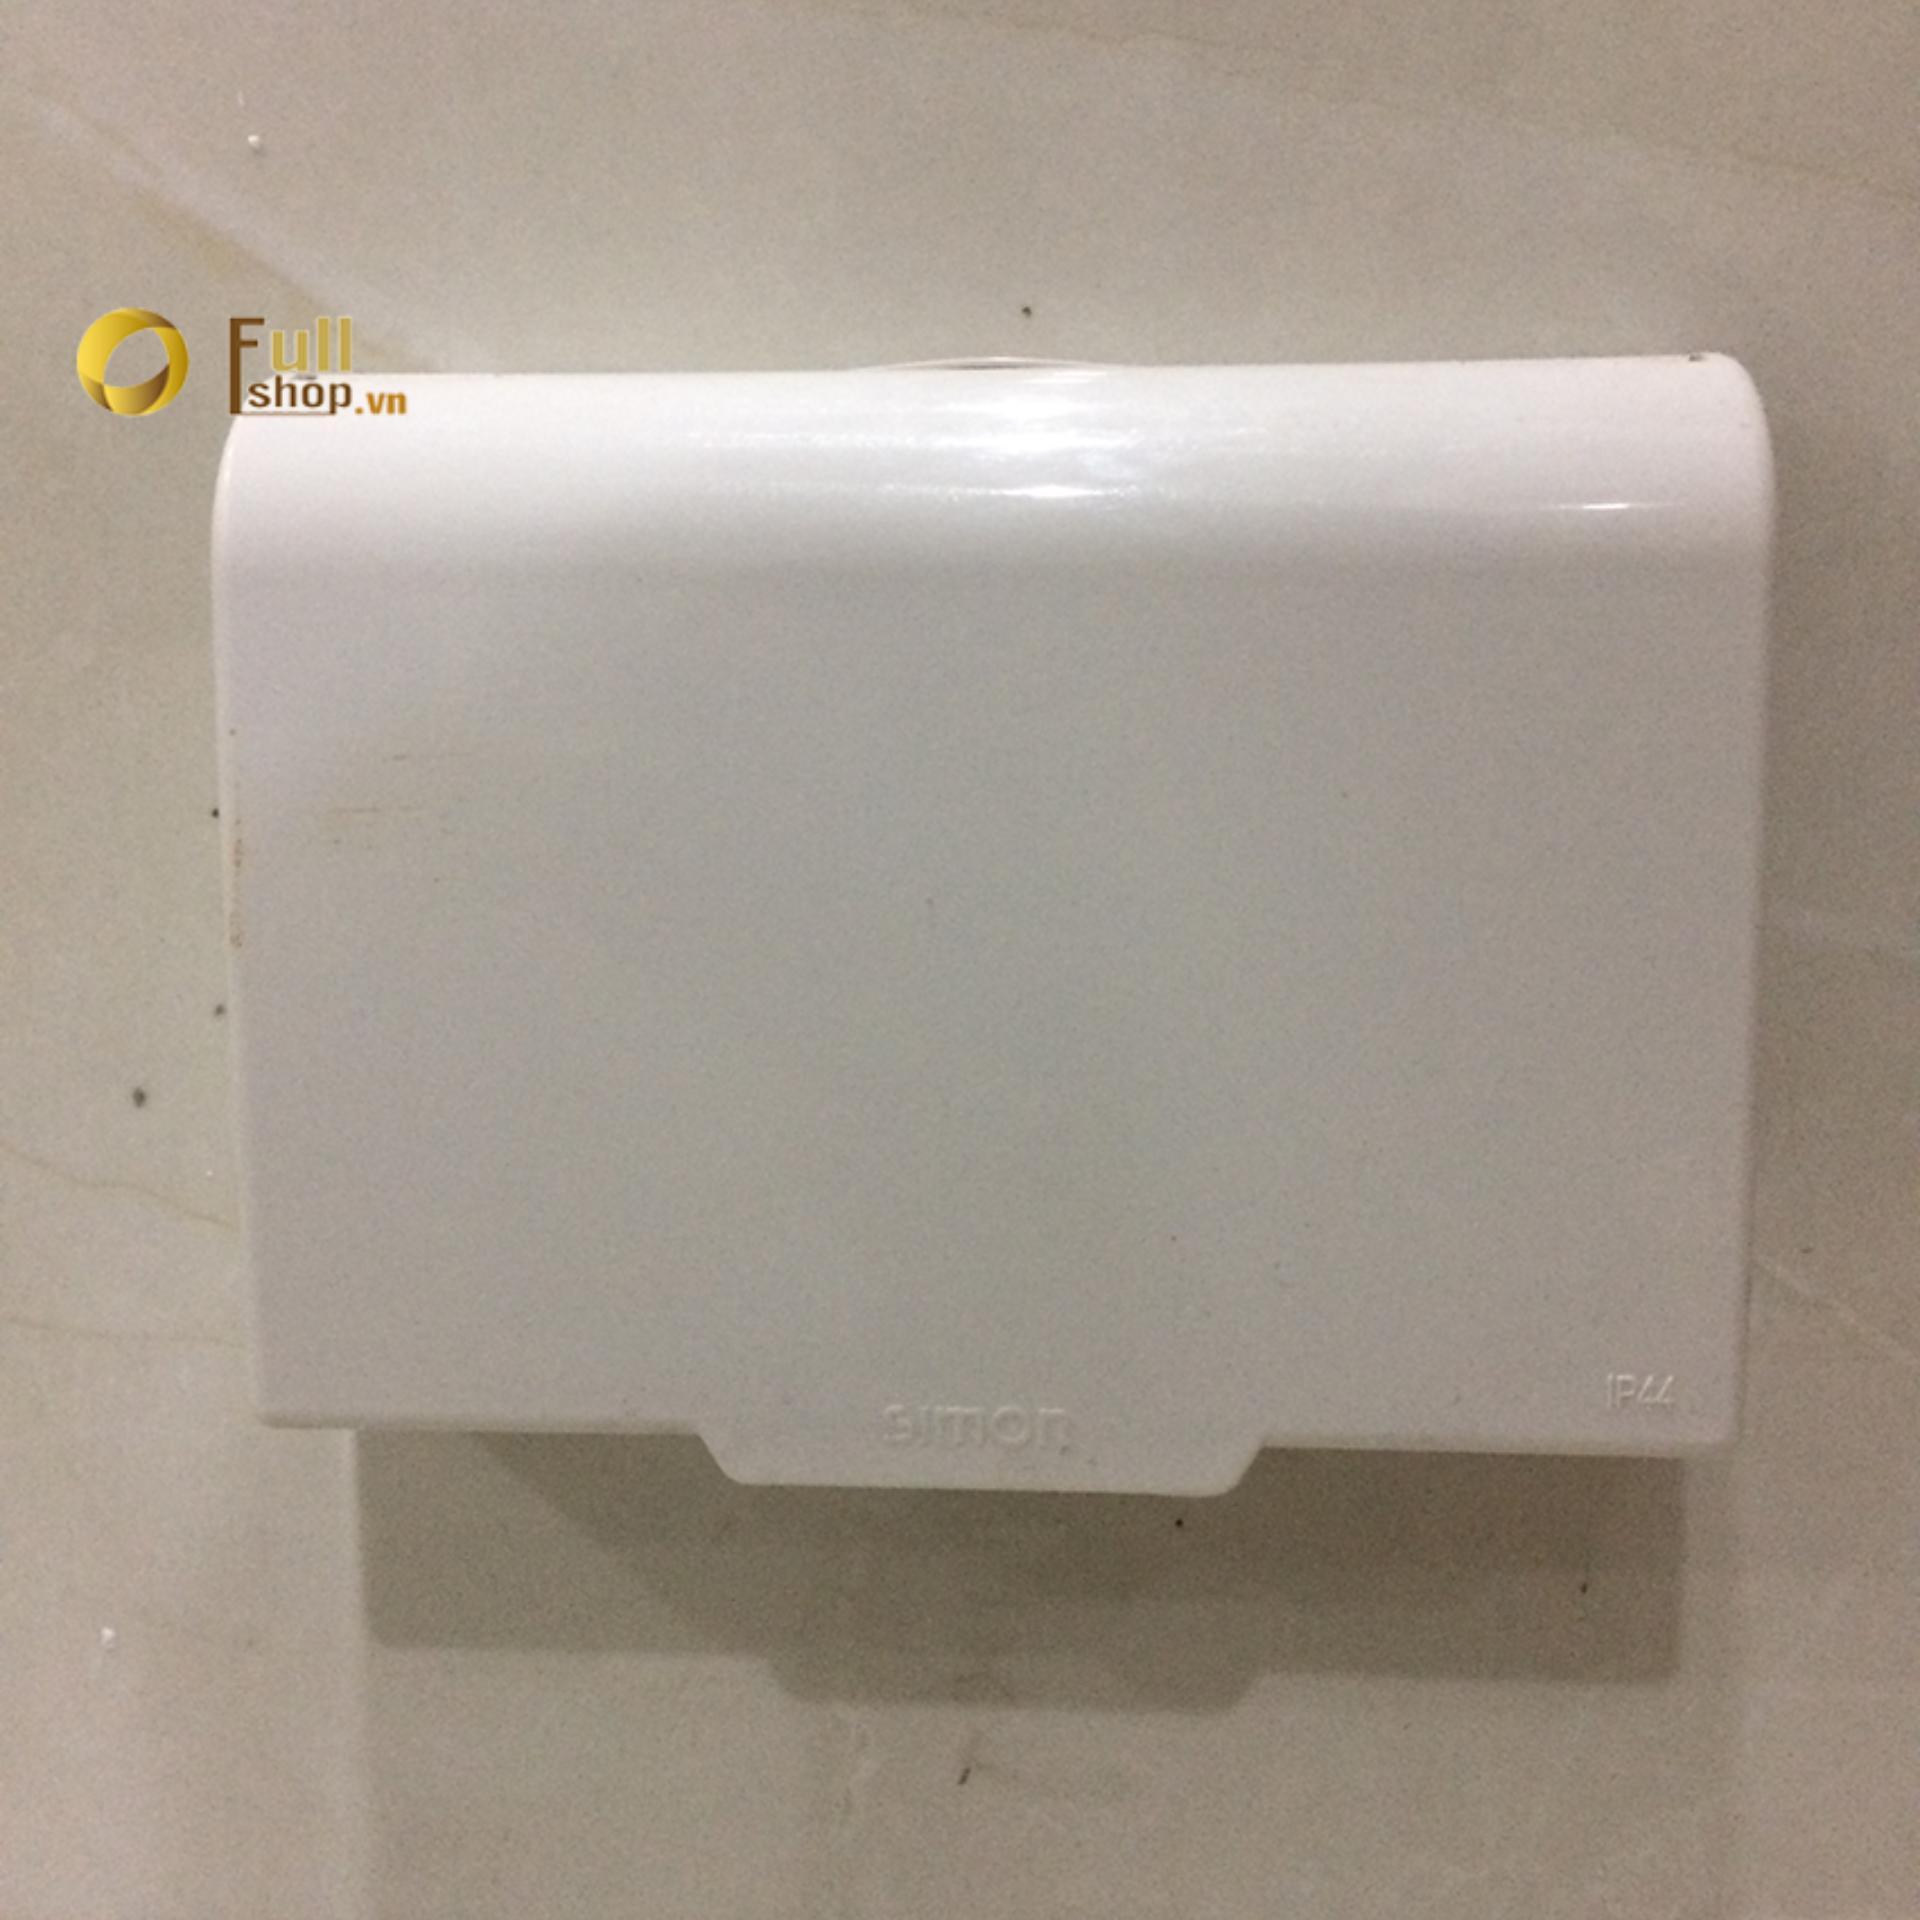 Hình ảnh Mặt che chống nước bảo vệ ổ cắm, công tắc chữ nhật điện Simon 52154